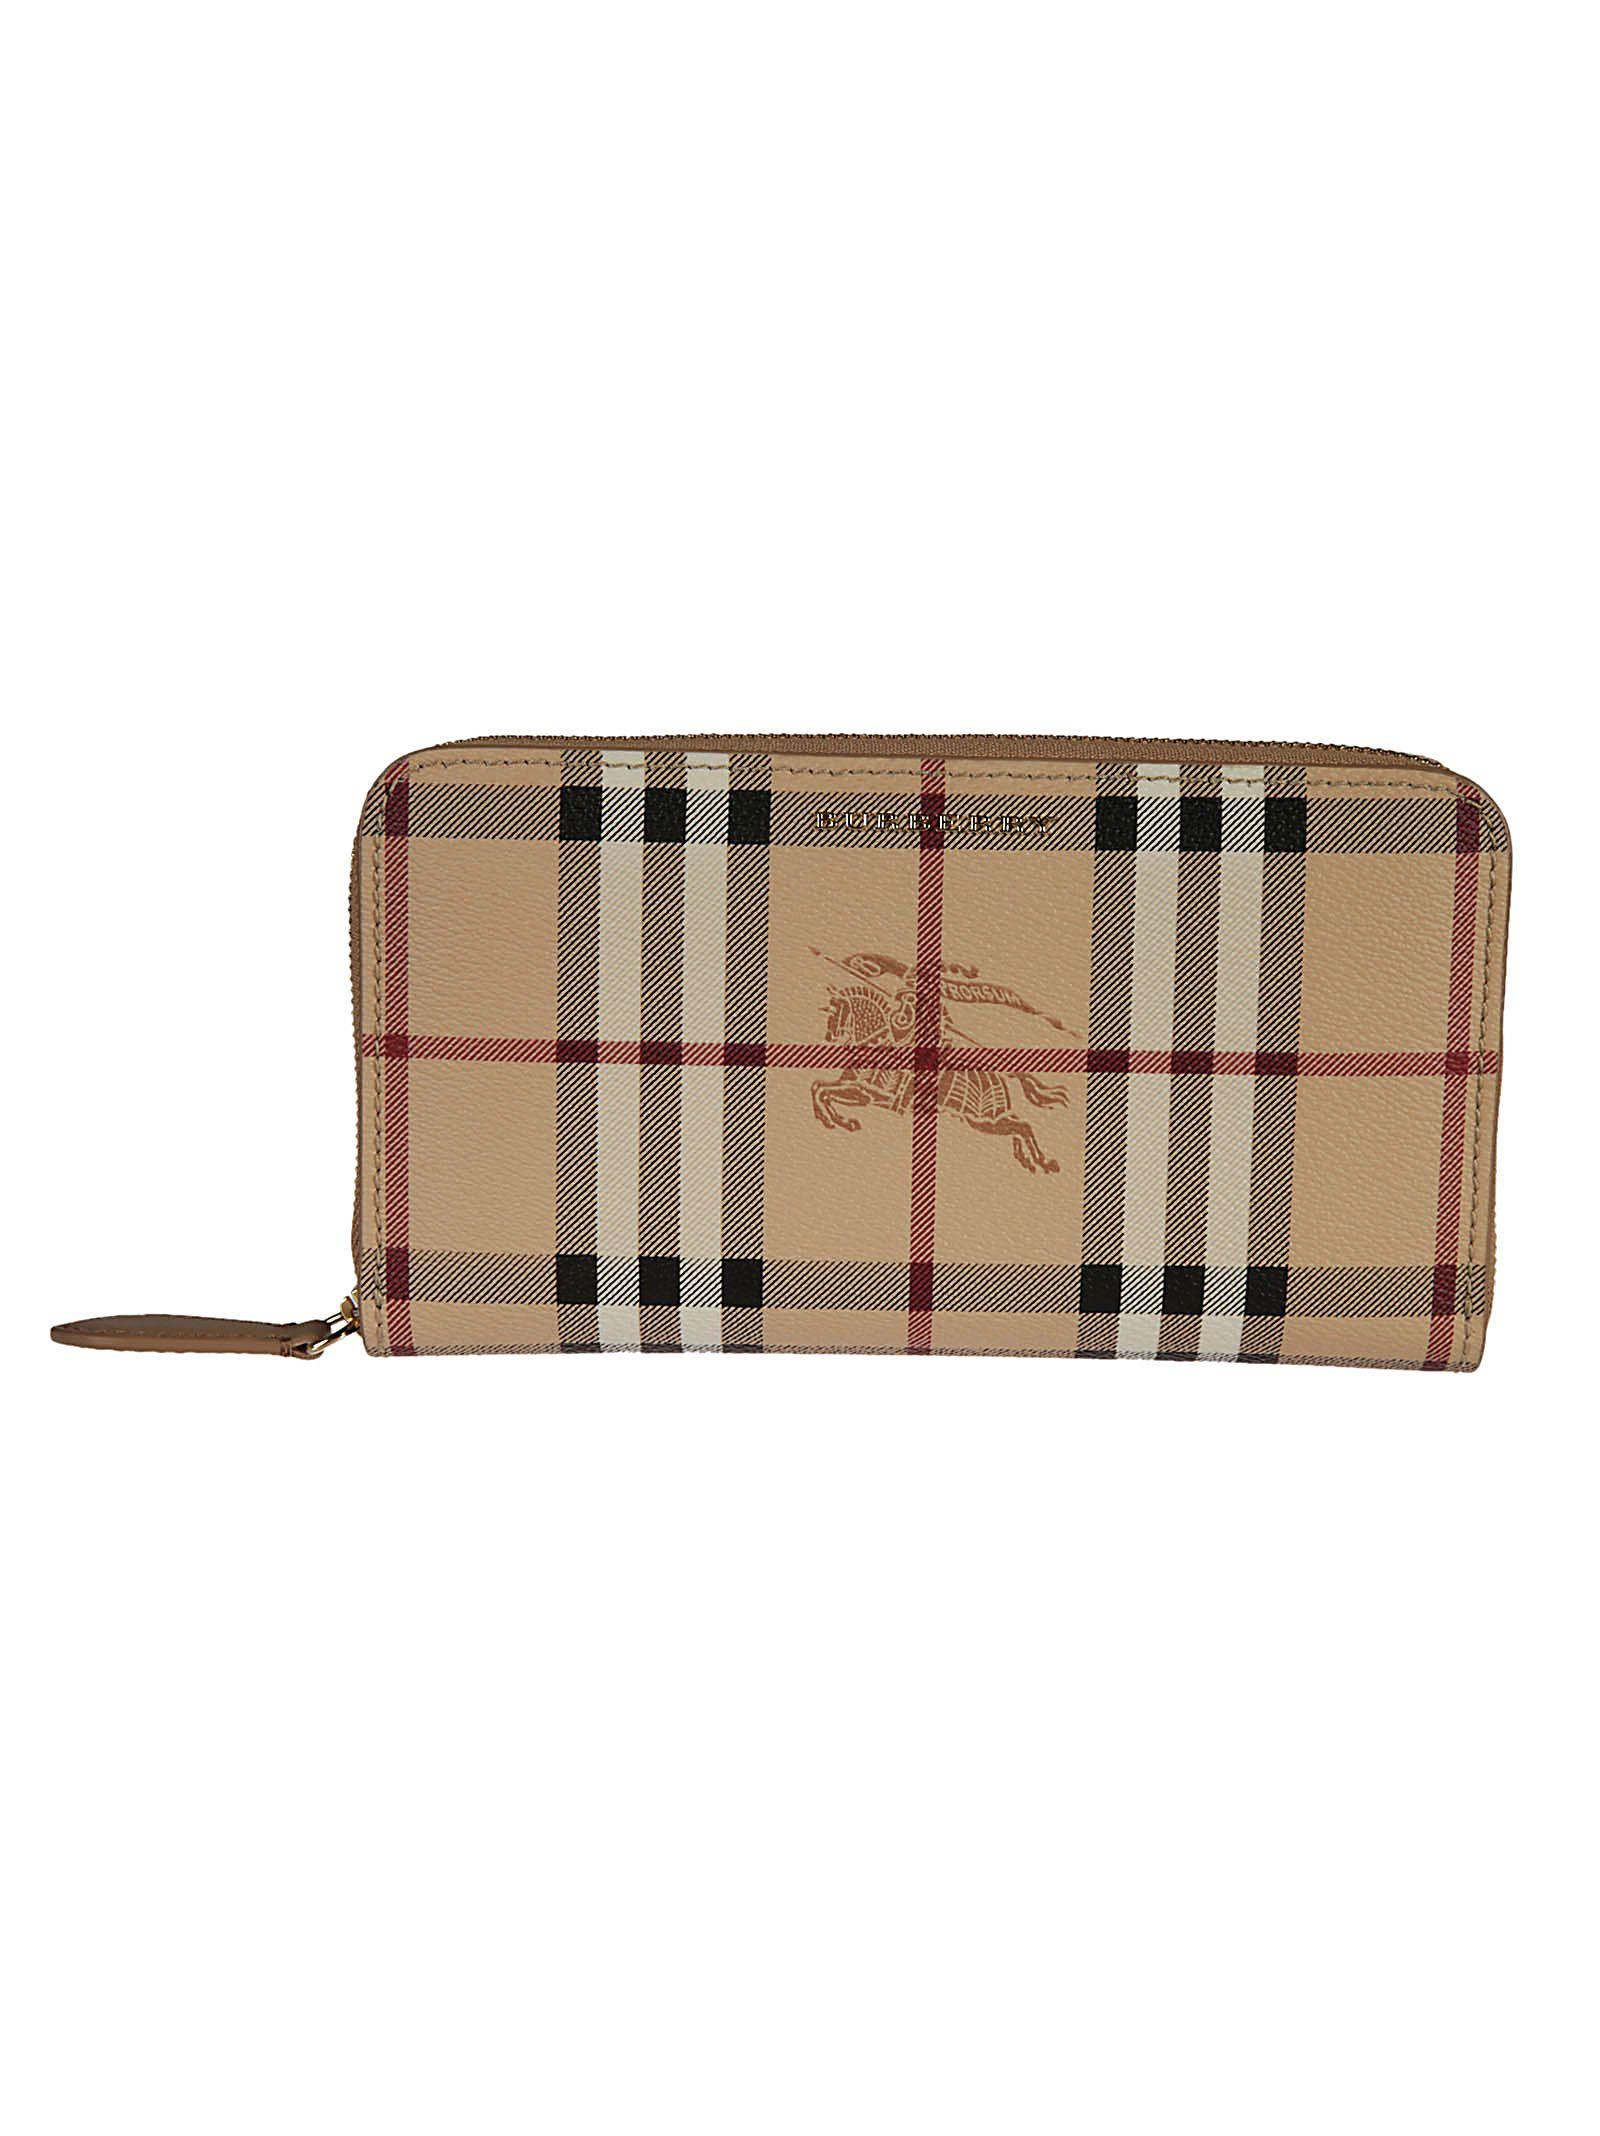 Burberry Haymarket Check Zip Around Wallet